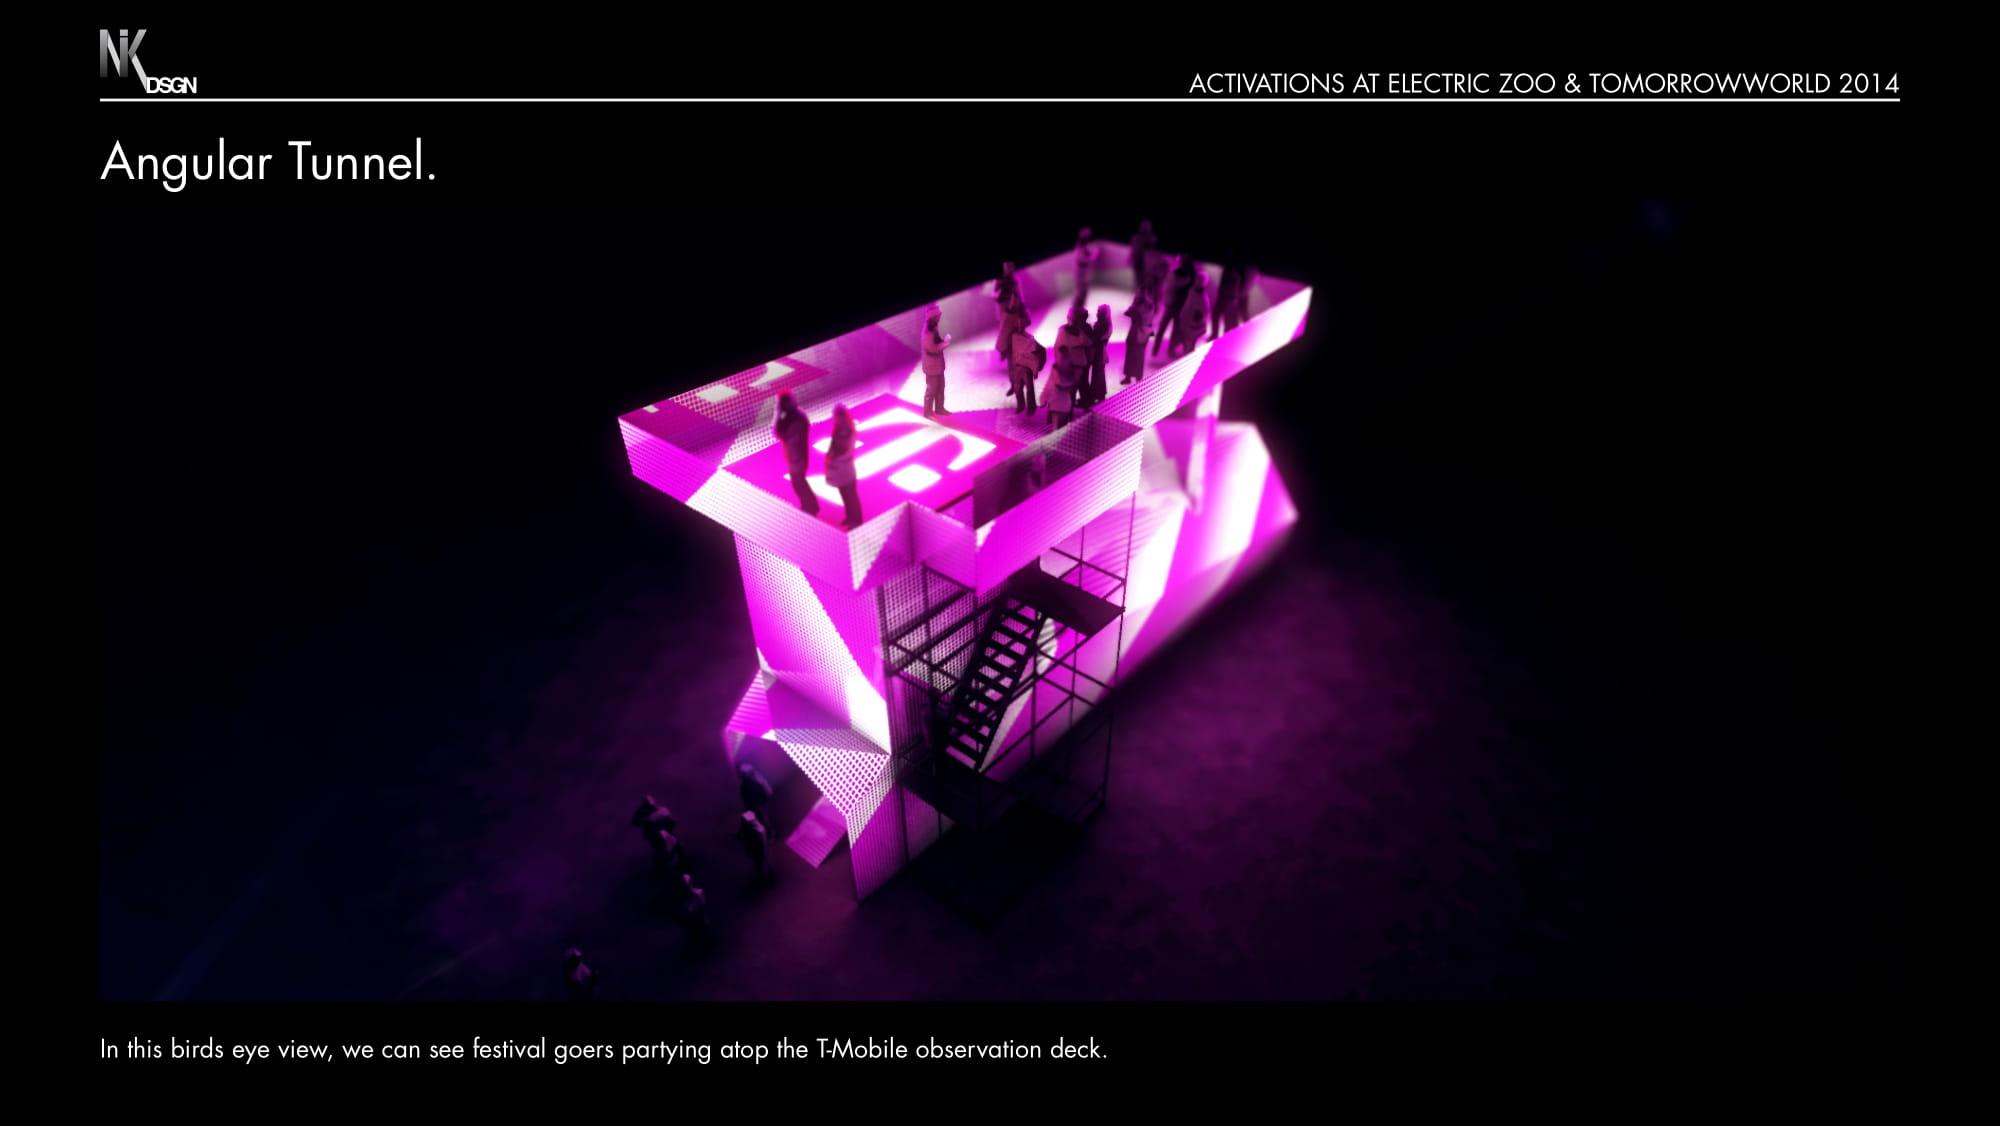 TMOB_NKdsgn_LED_v03s-07.jpg